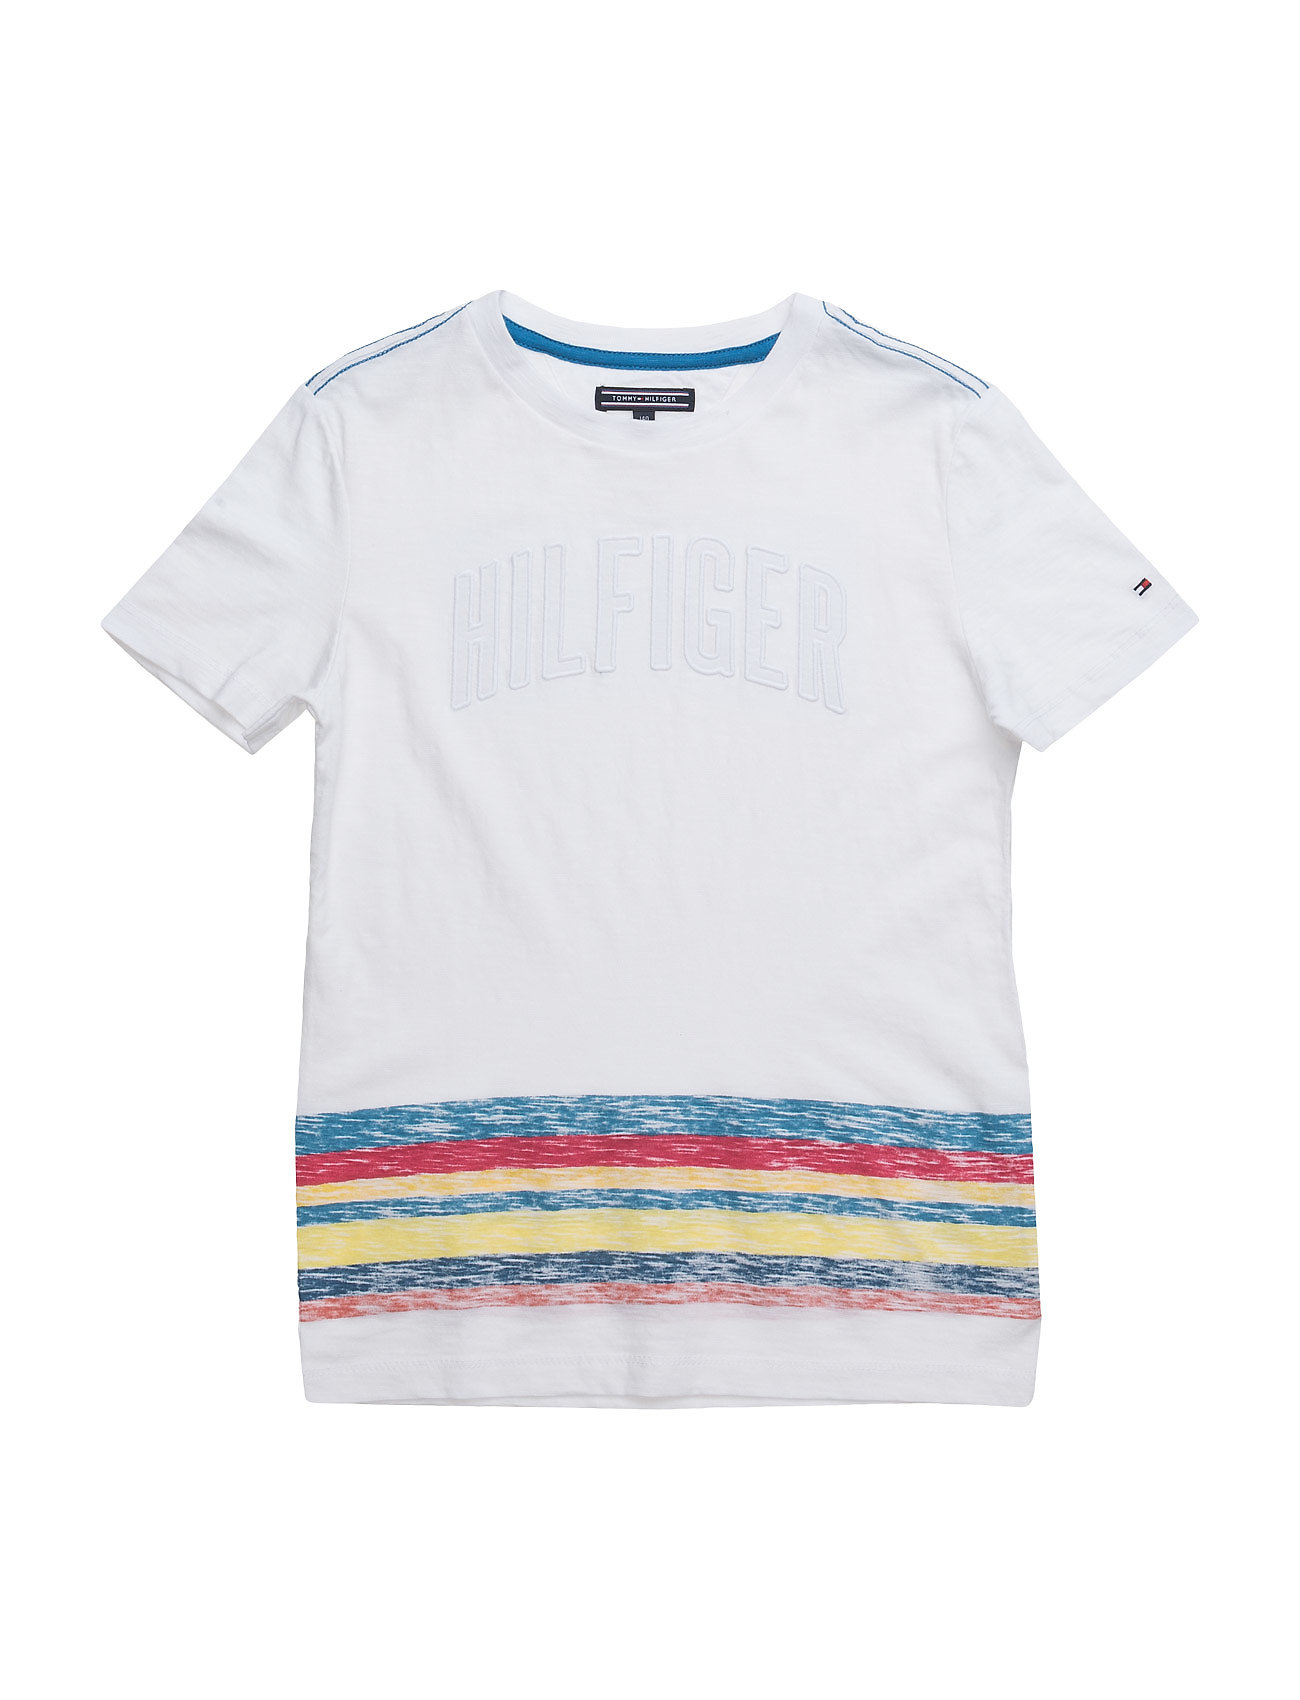 Surf Stripe Cn Tee S/S Tommy Hilfiger Kortærmede t-shirts til Børn i